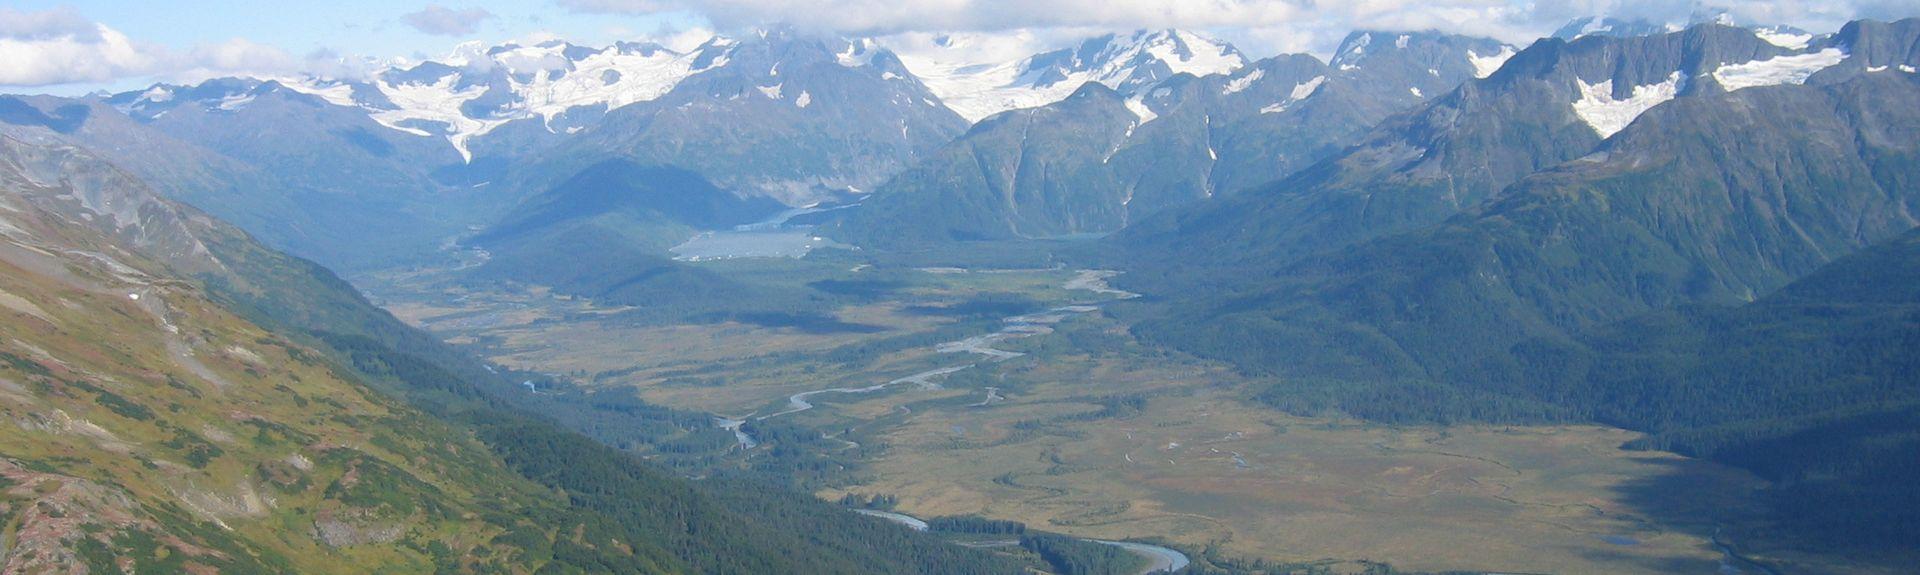 Portage Glacier, Whittier, AK, USA